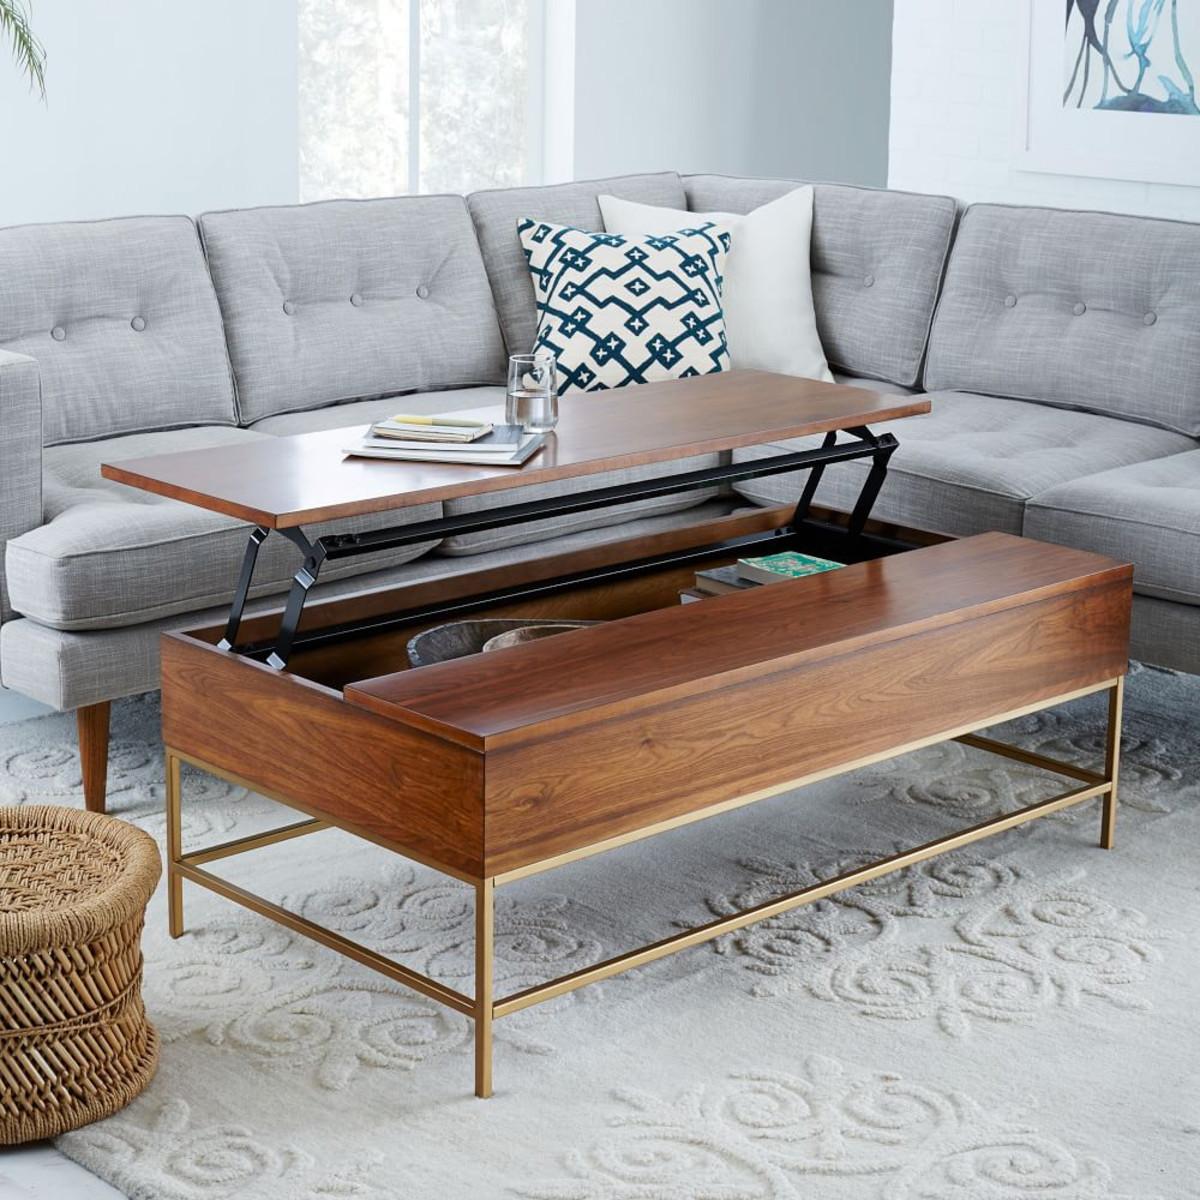 Lummy West Elm Storage Coffee Table Walnut Brass Living Room Table Sets Glass Living Room Table Sets Rustic houzz-03 Living Room Table Sets